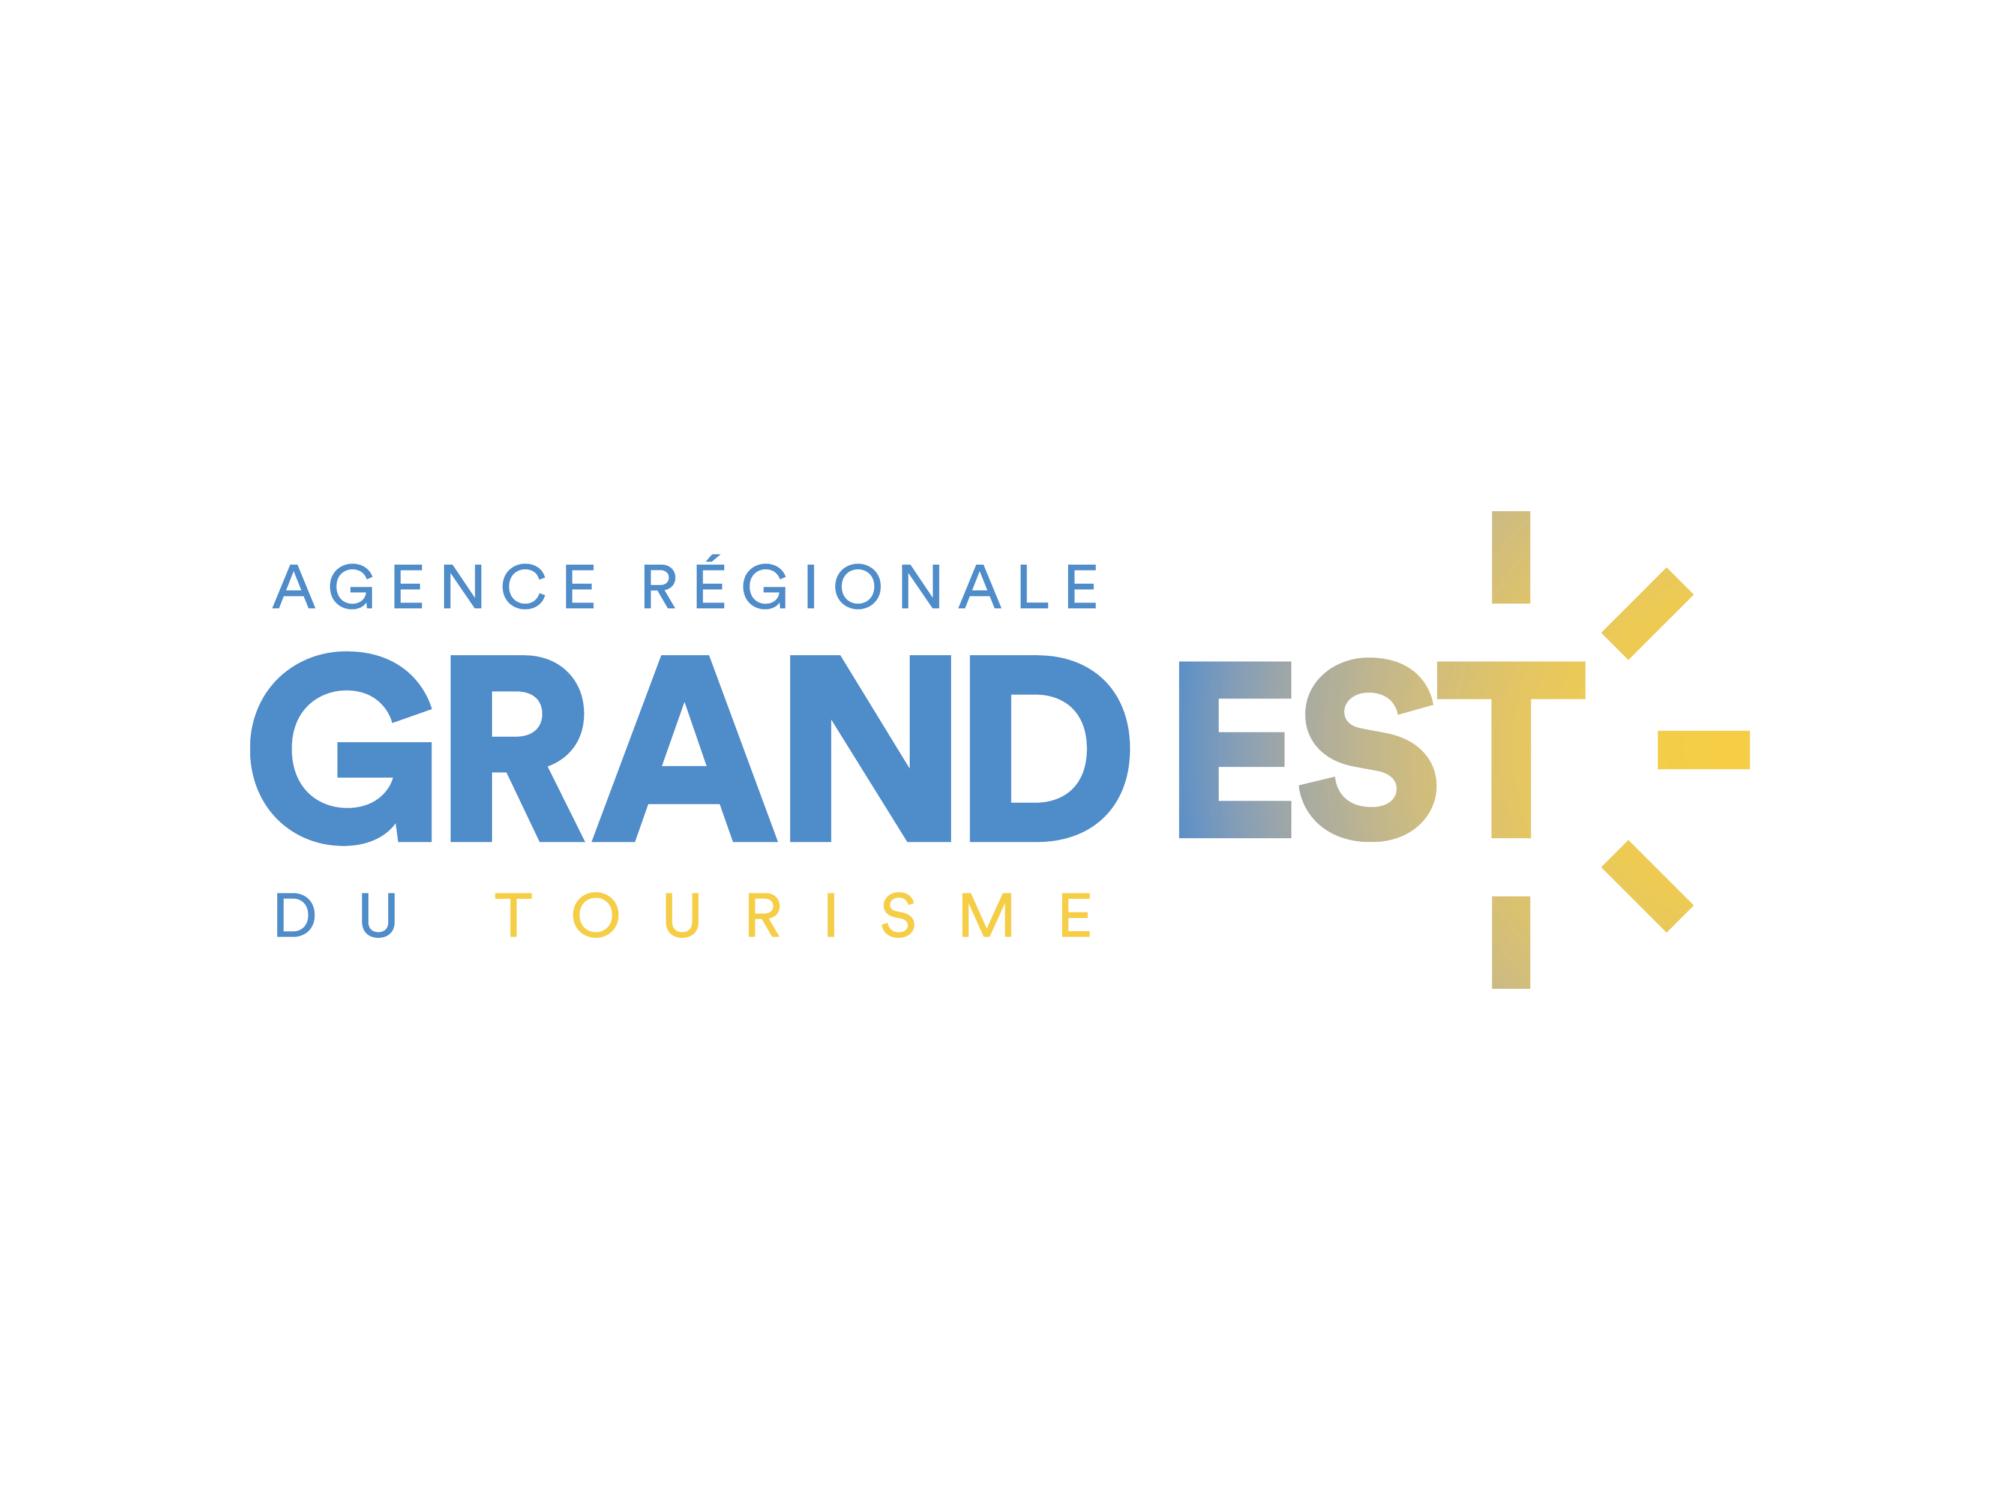 Agence régionale du tourisme Grand Est